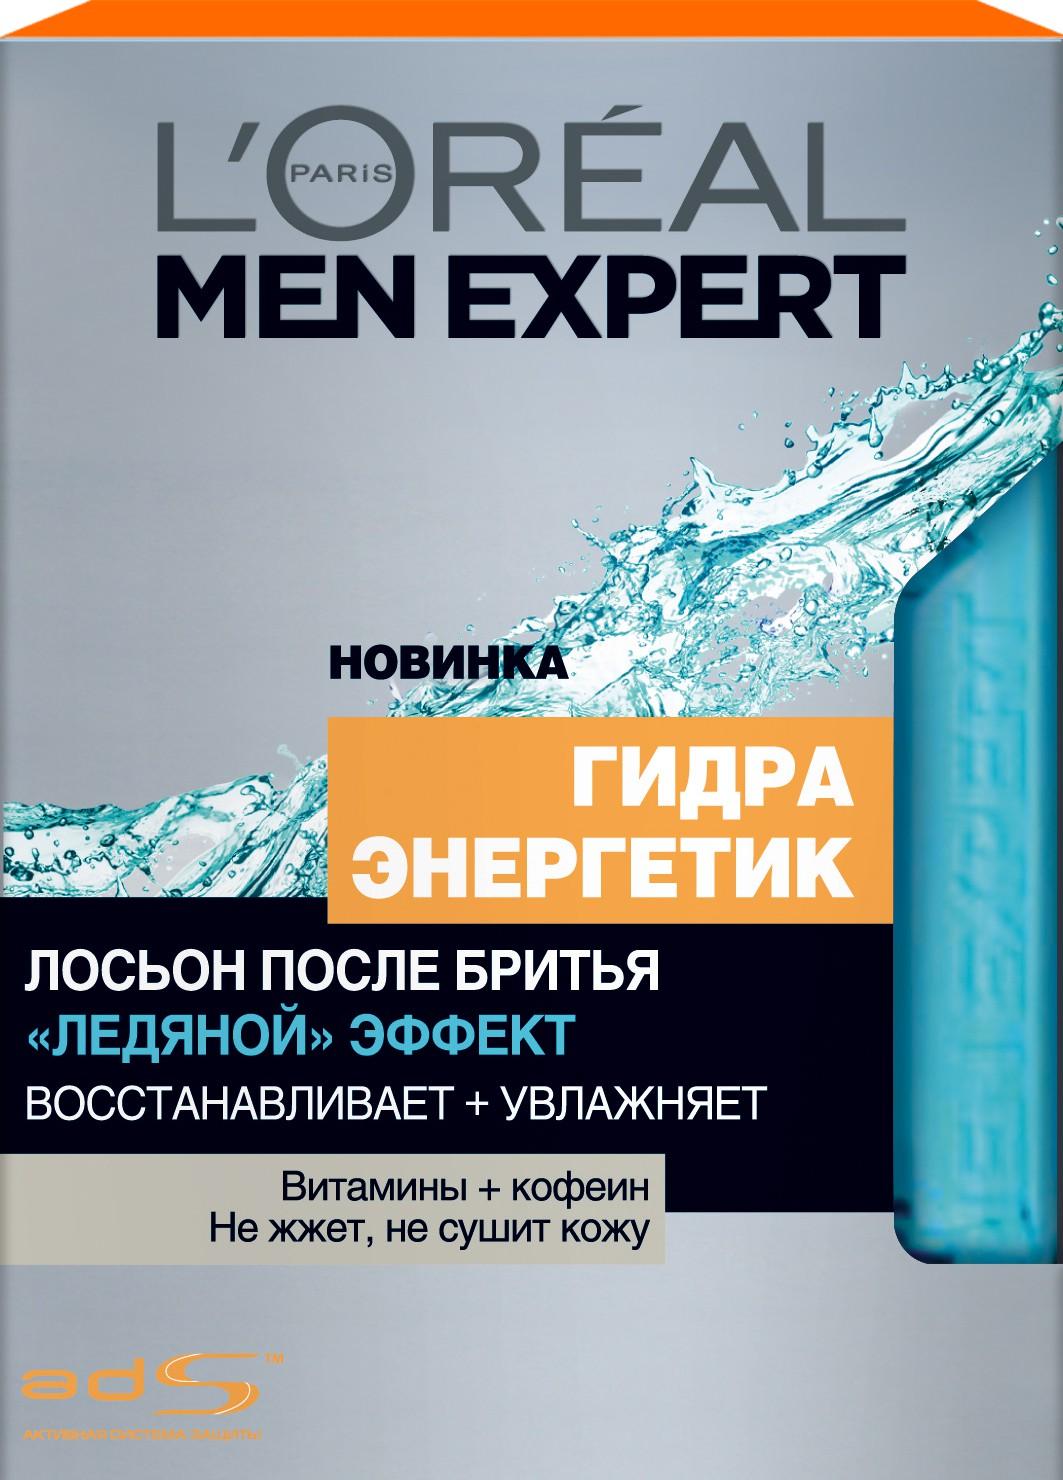 LOreal Paris Men Expert Лосьон после бритья Гидра Энергетик, Ледяной эффект, увлажняющий, восстанавливающий, 100 млGESS-131Cредство после бритья нового поколения от MEN EXPERT!Морозная мята, терпкие нотки бергамота - «Ледяной» эффект от MEN EXPERT - это освежающий лосьон после бритья, обогащенный витаминами и кофеином.